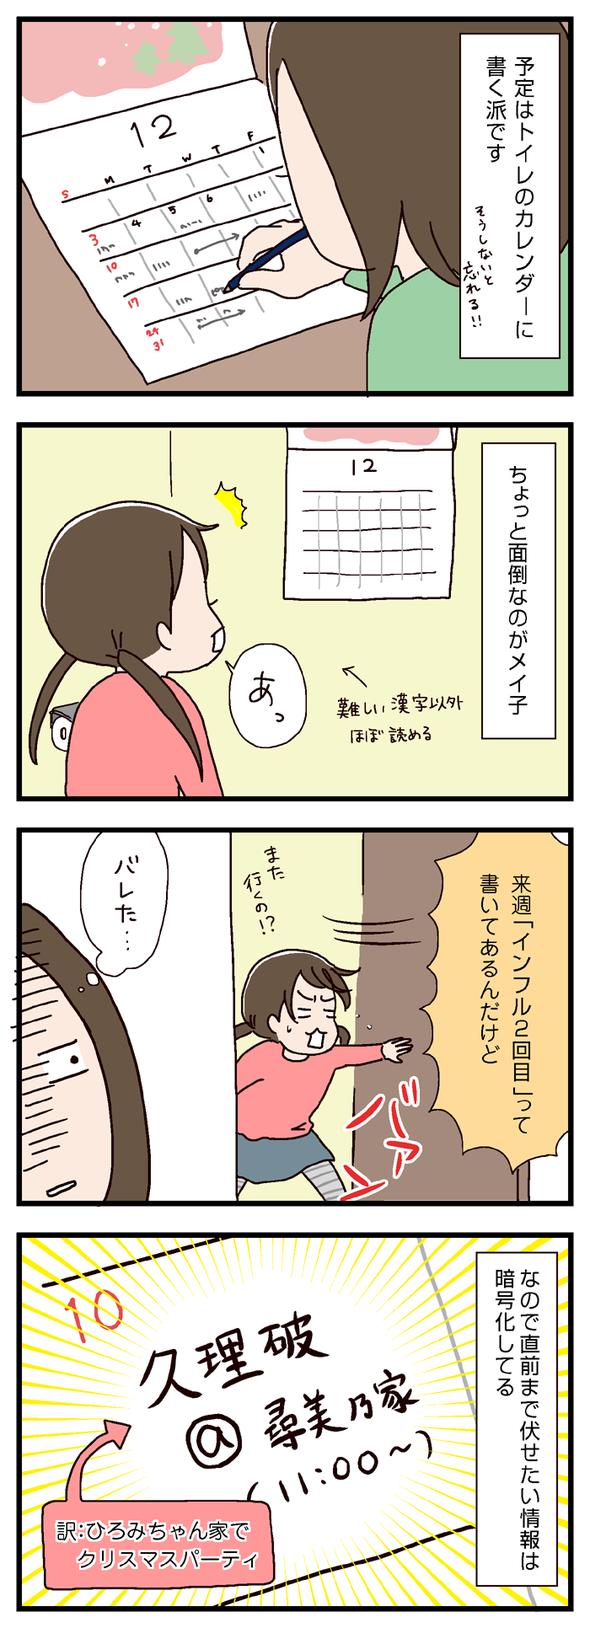 icchomae461